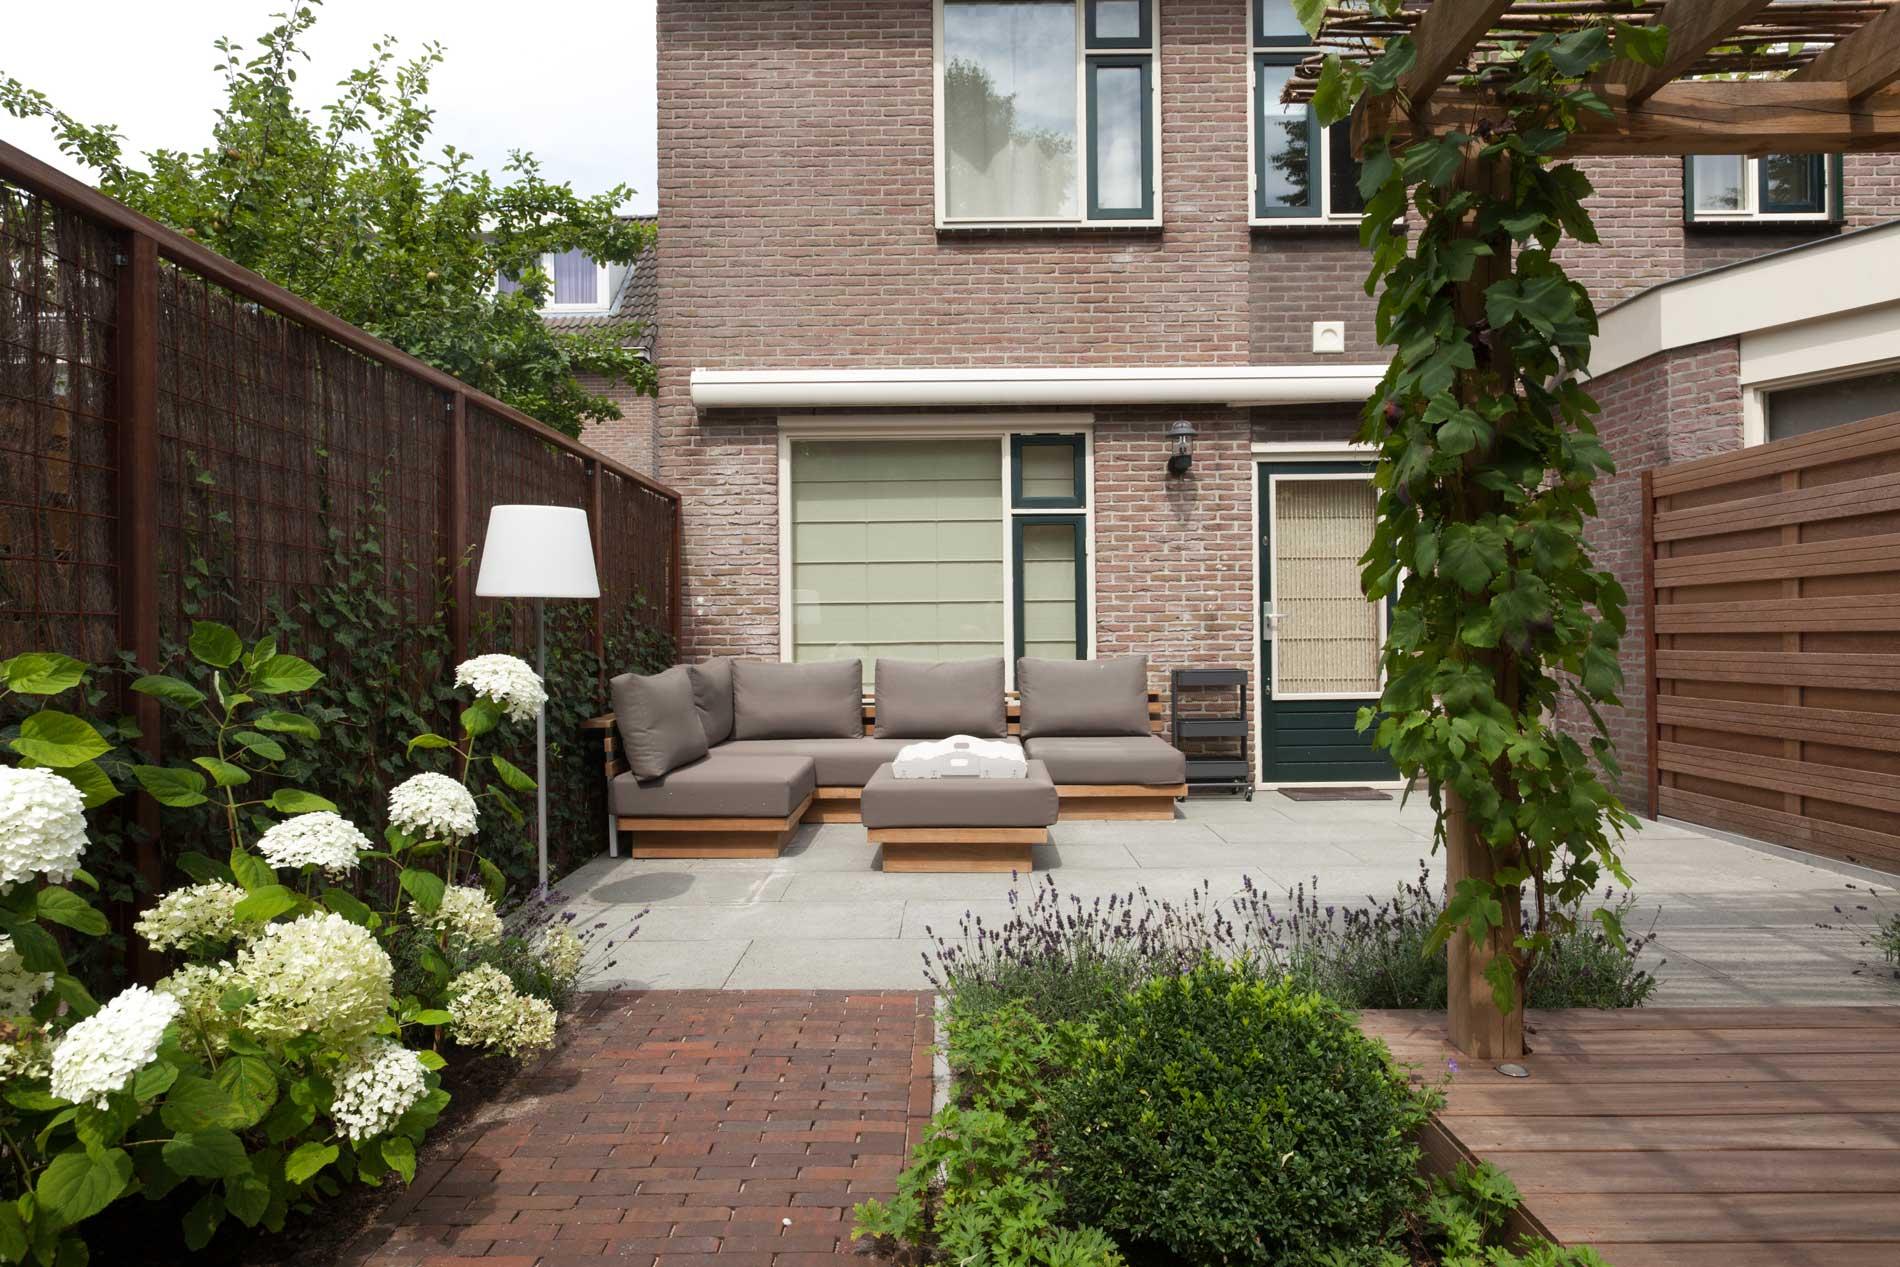 Franse tuin door heart for gardens laten ontwerpen of for Eigen moestuin ontwerpen en aanleggen